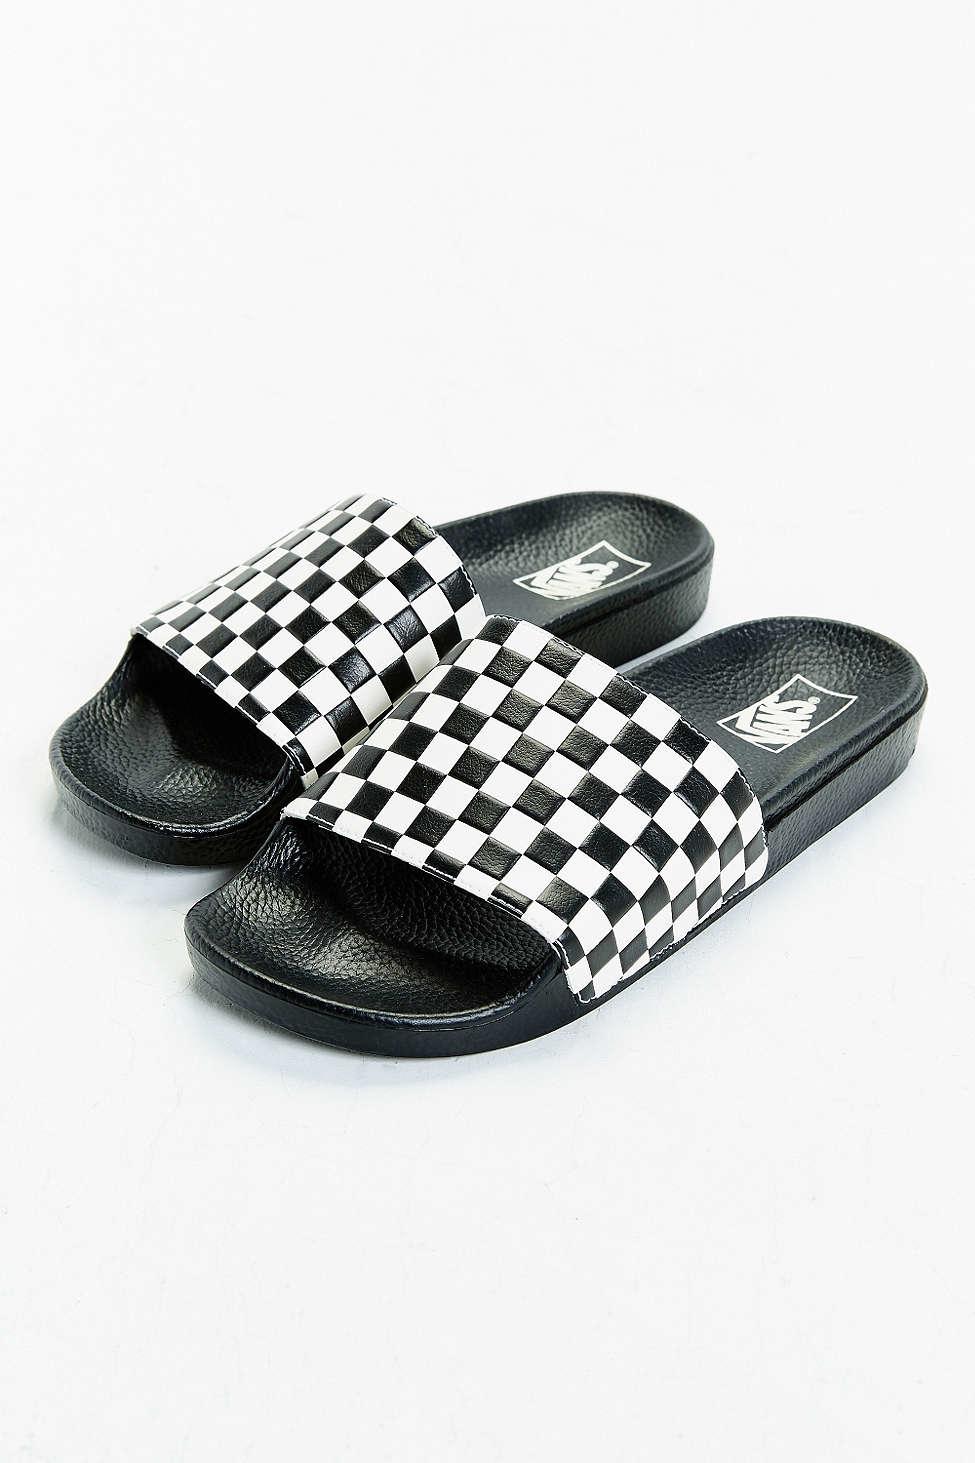 f46f97391a4e Vans Slide-on Checkerboard Sandal in White for Men - Lyst